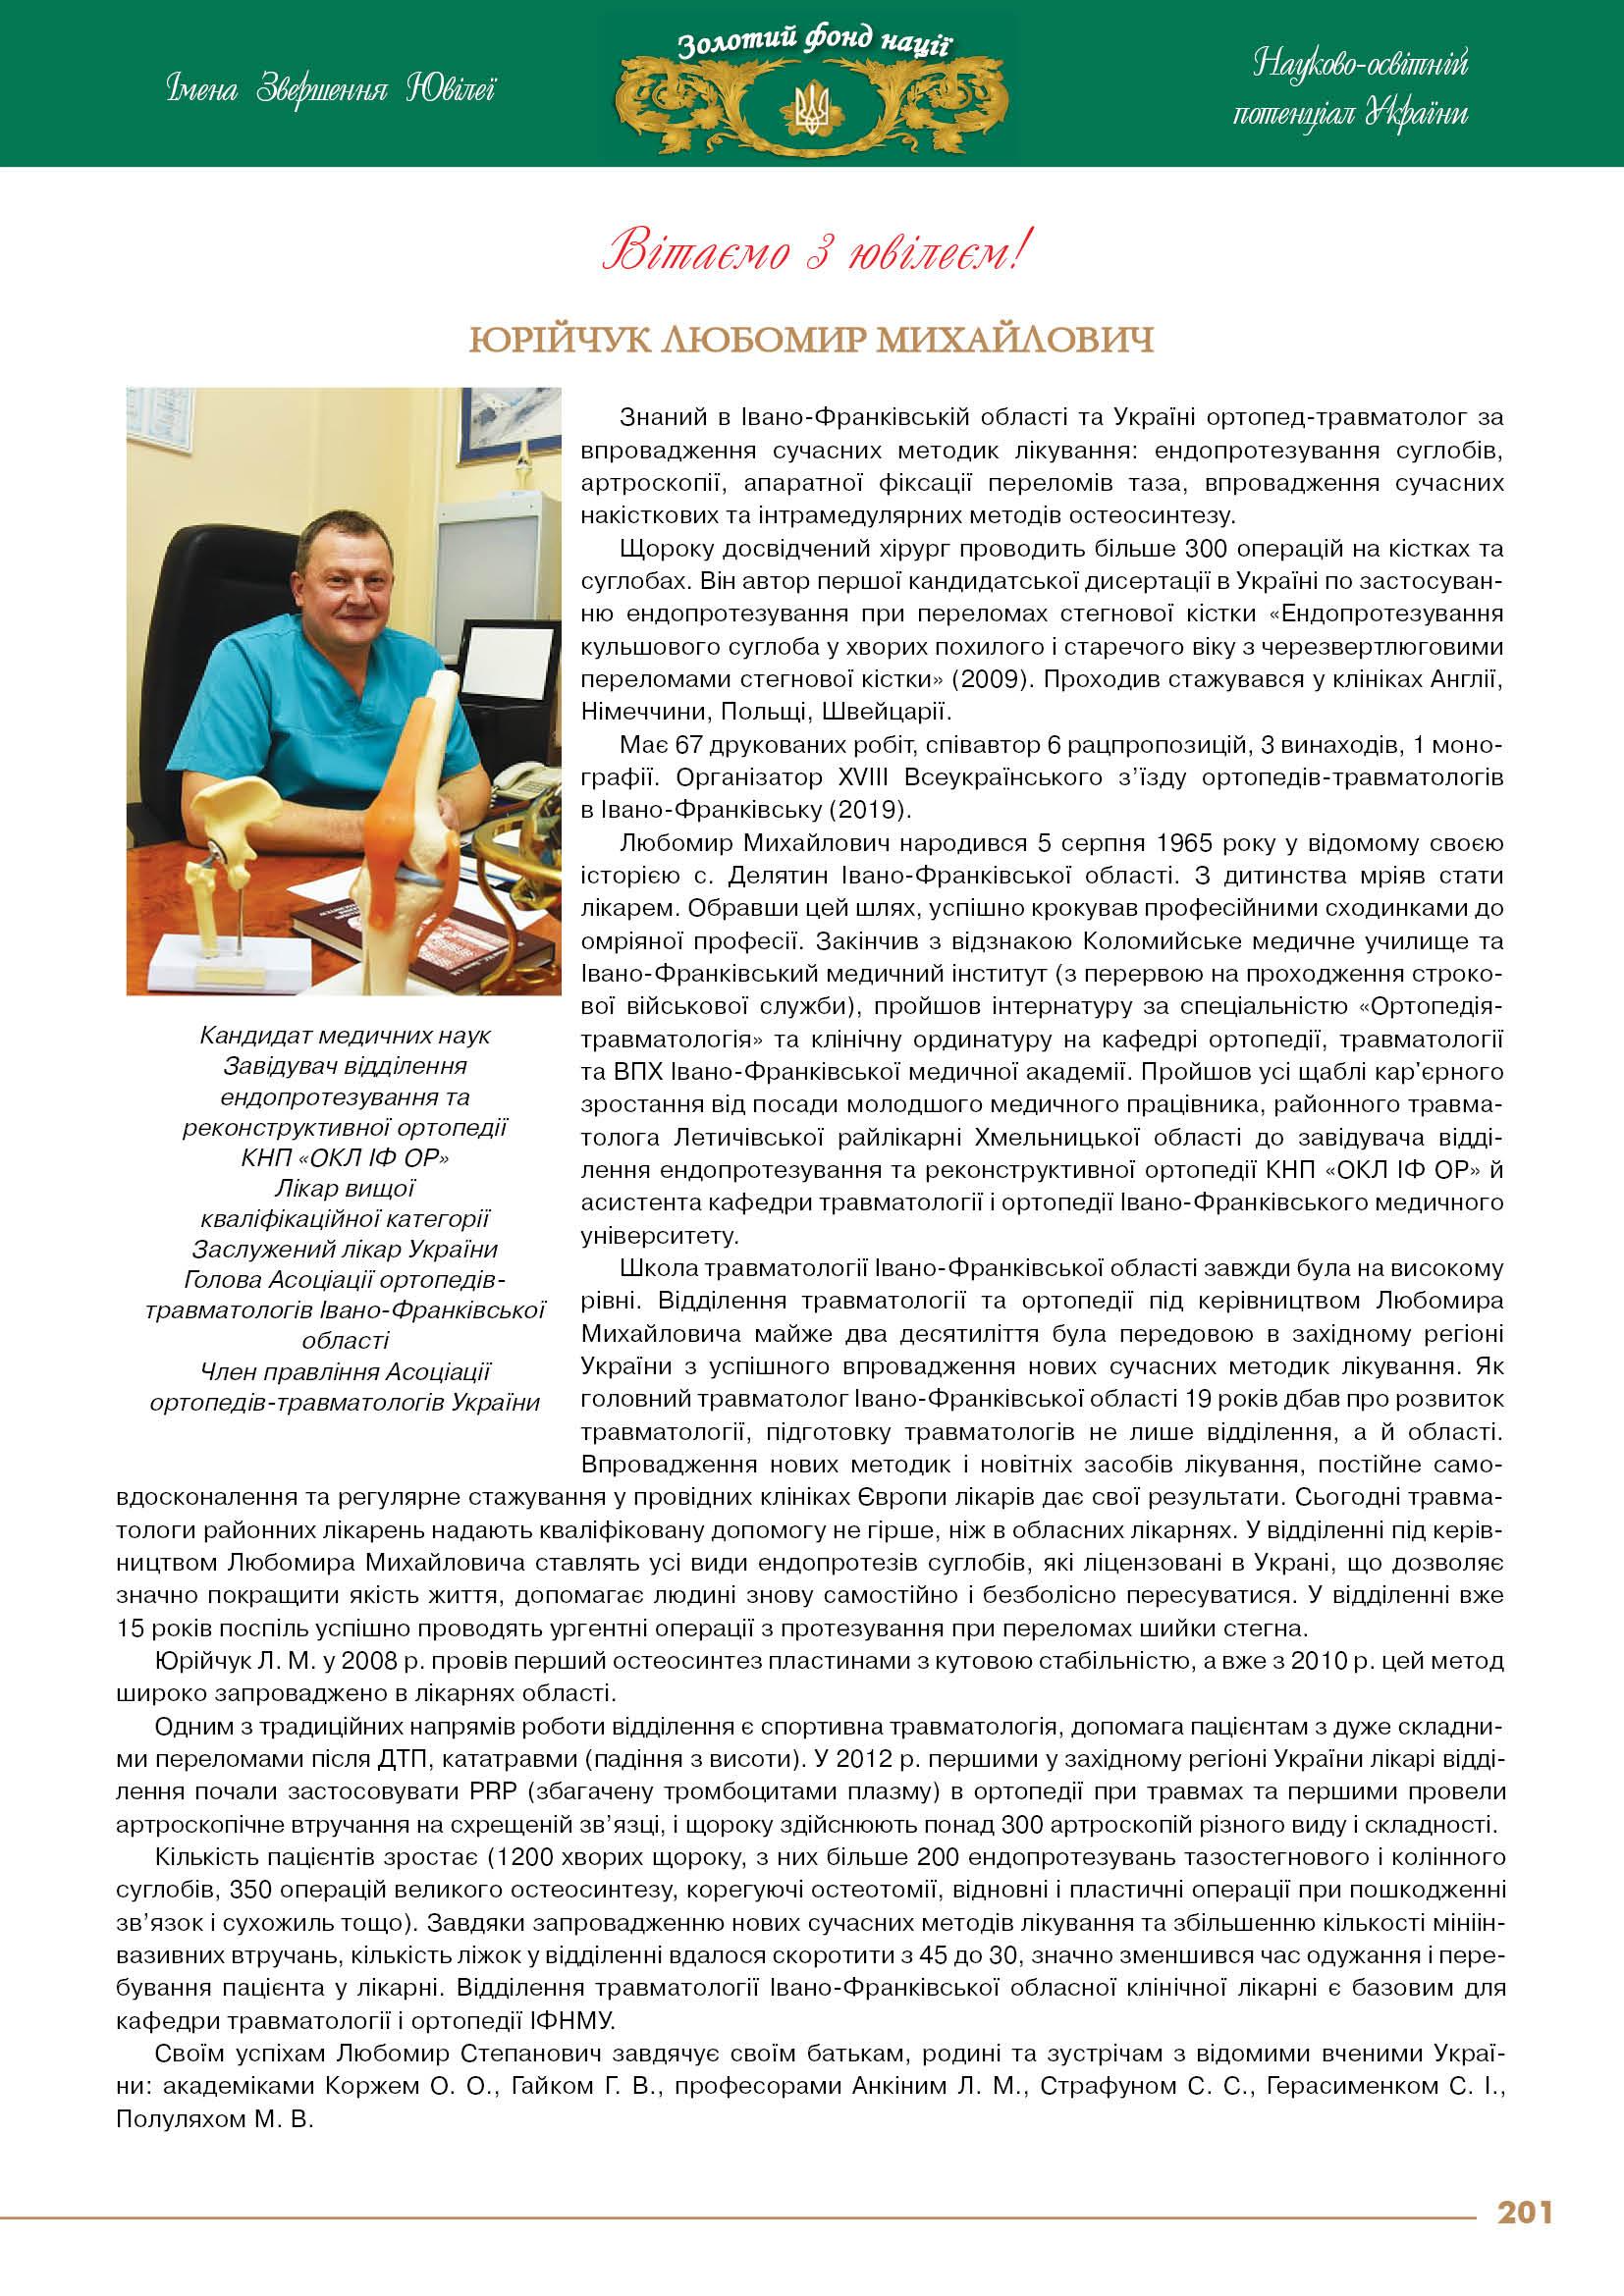 Юрійчук Любомир Михайлович